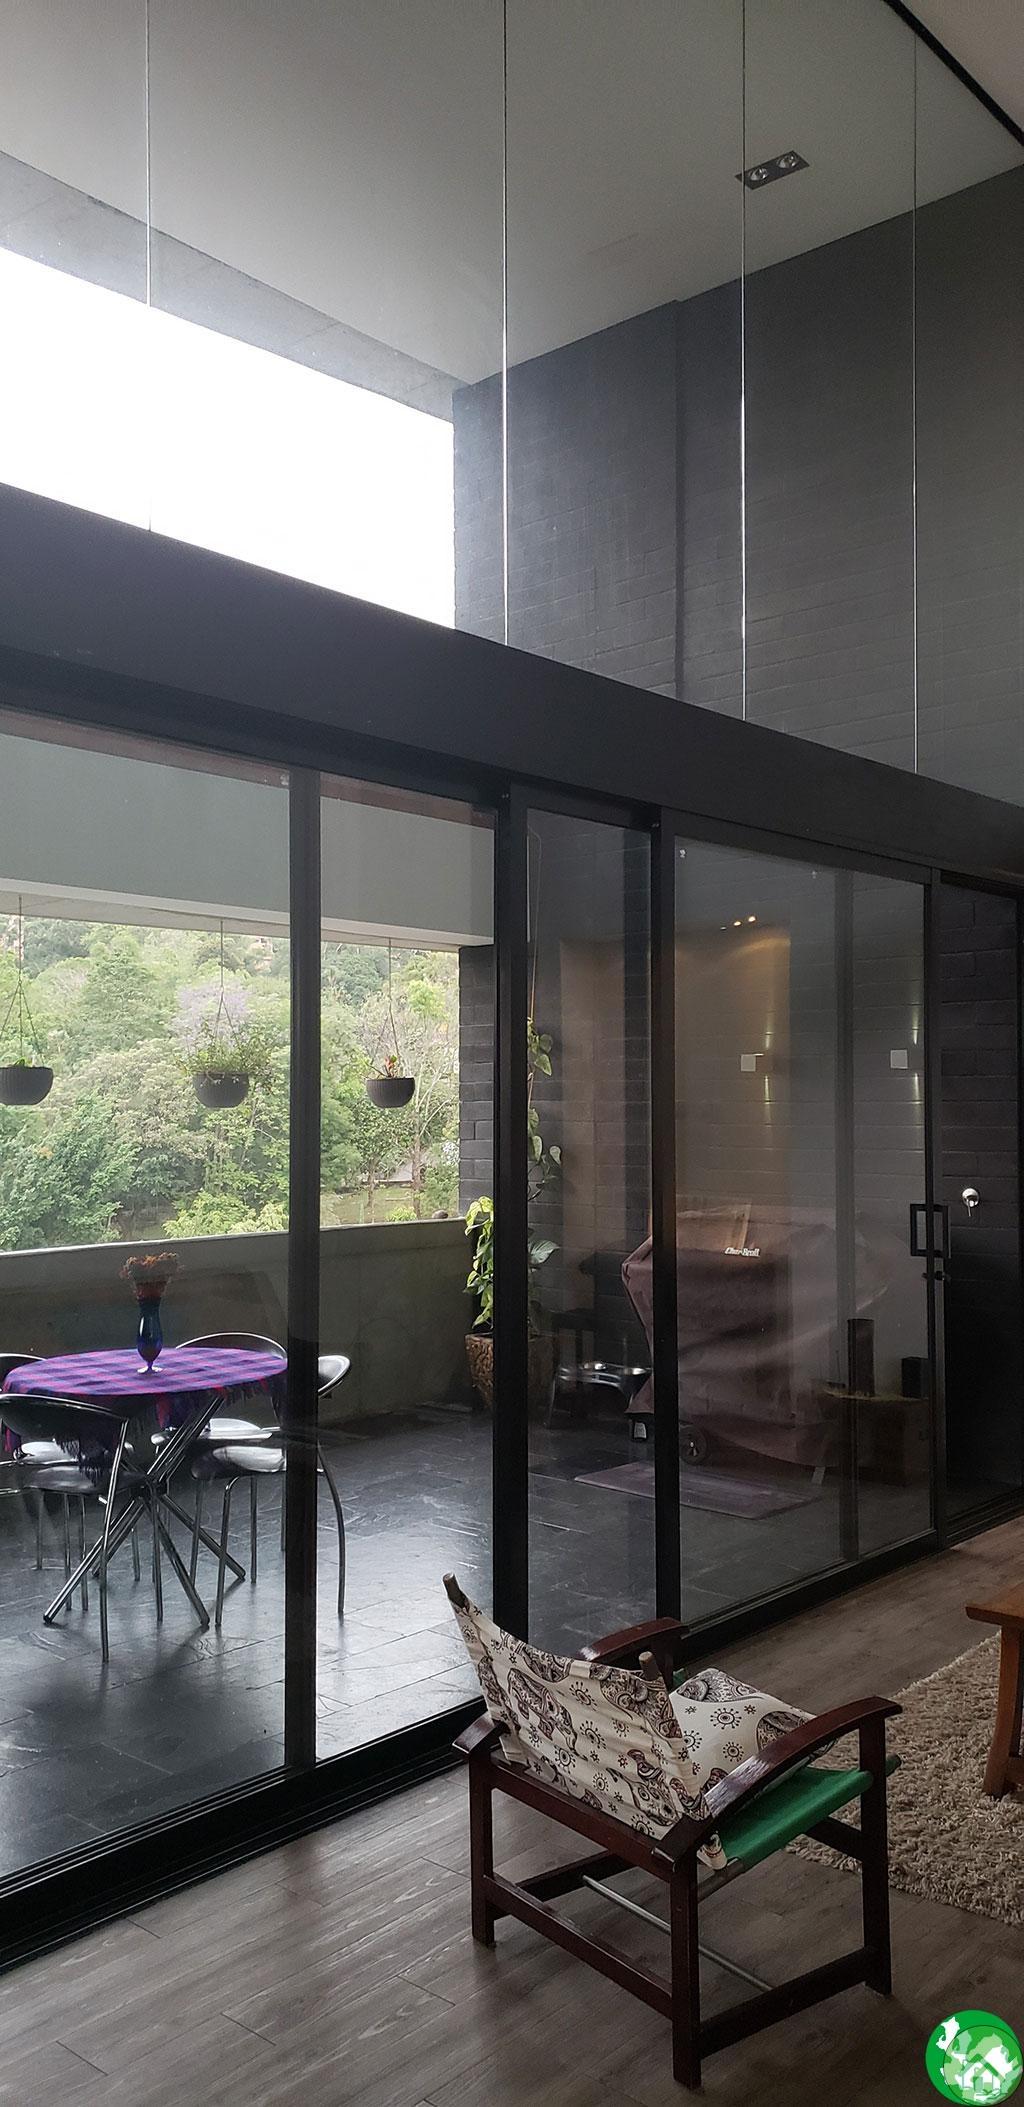 Penthouse domotizado en venta - Bienes de Antioquia